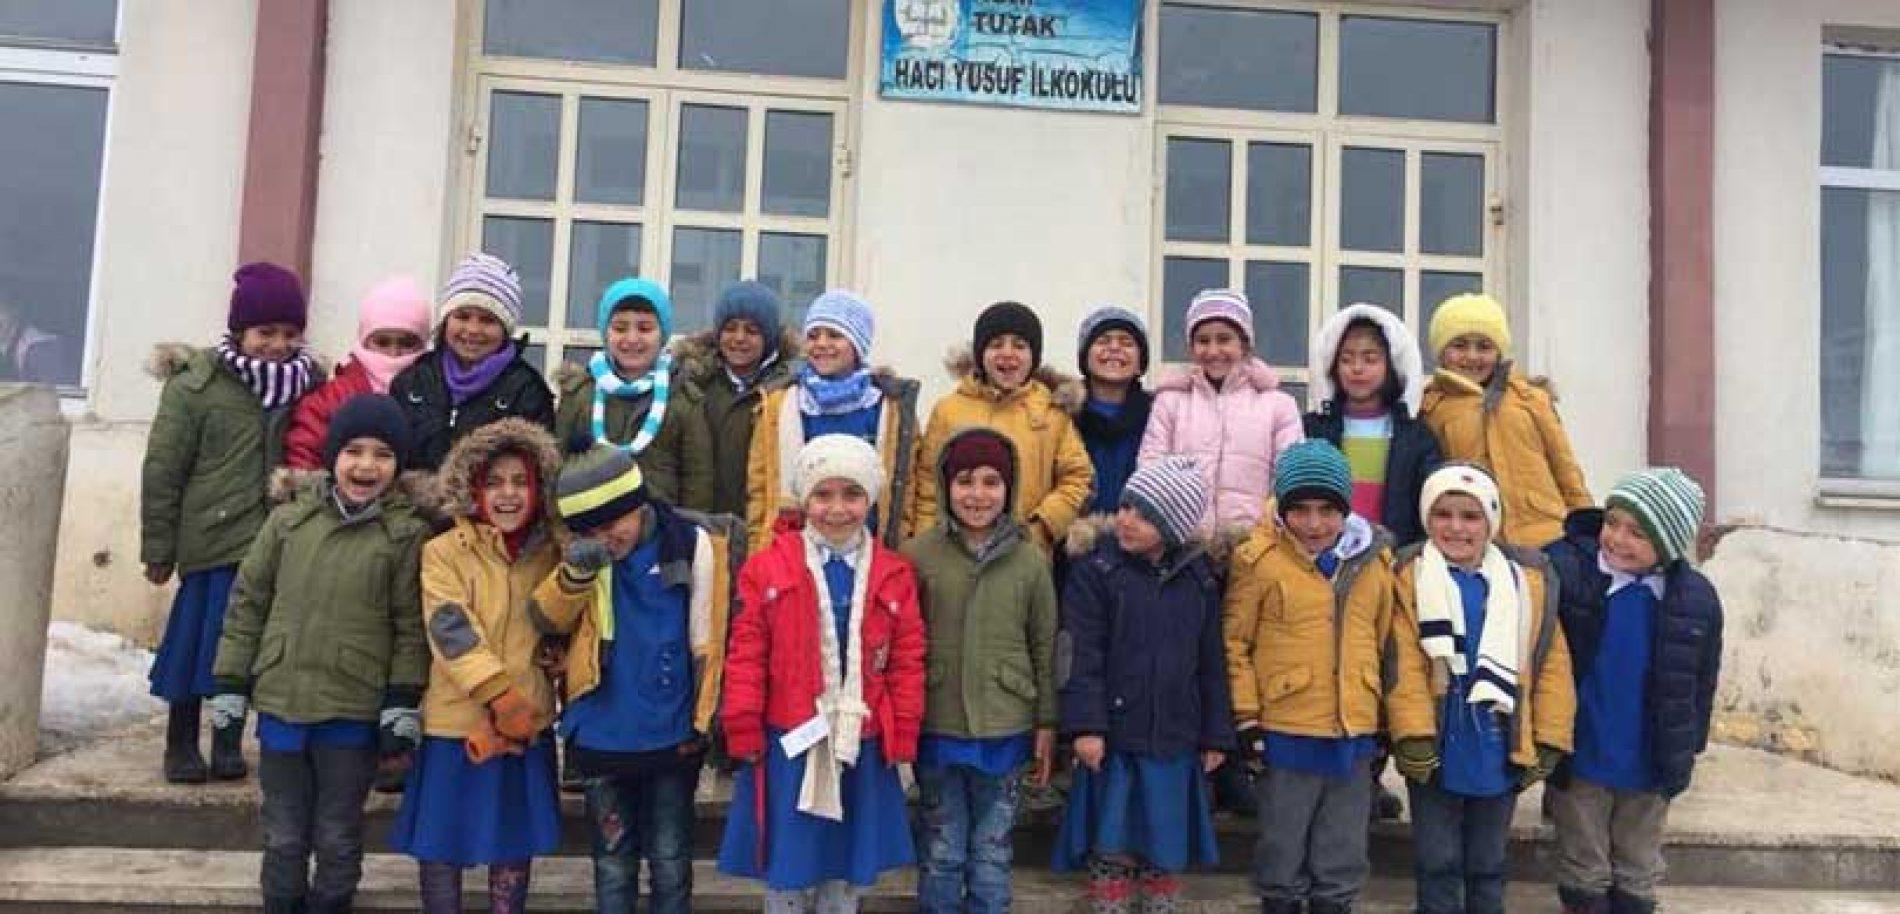 TYSD Ağrı Şubemizin Hacı Yusuf Köyü Ziyareti